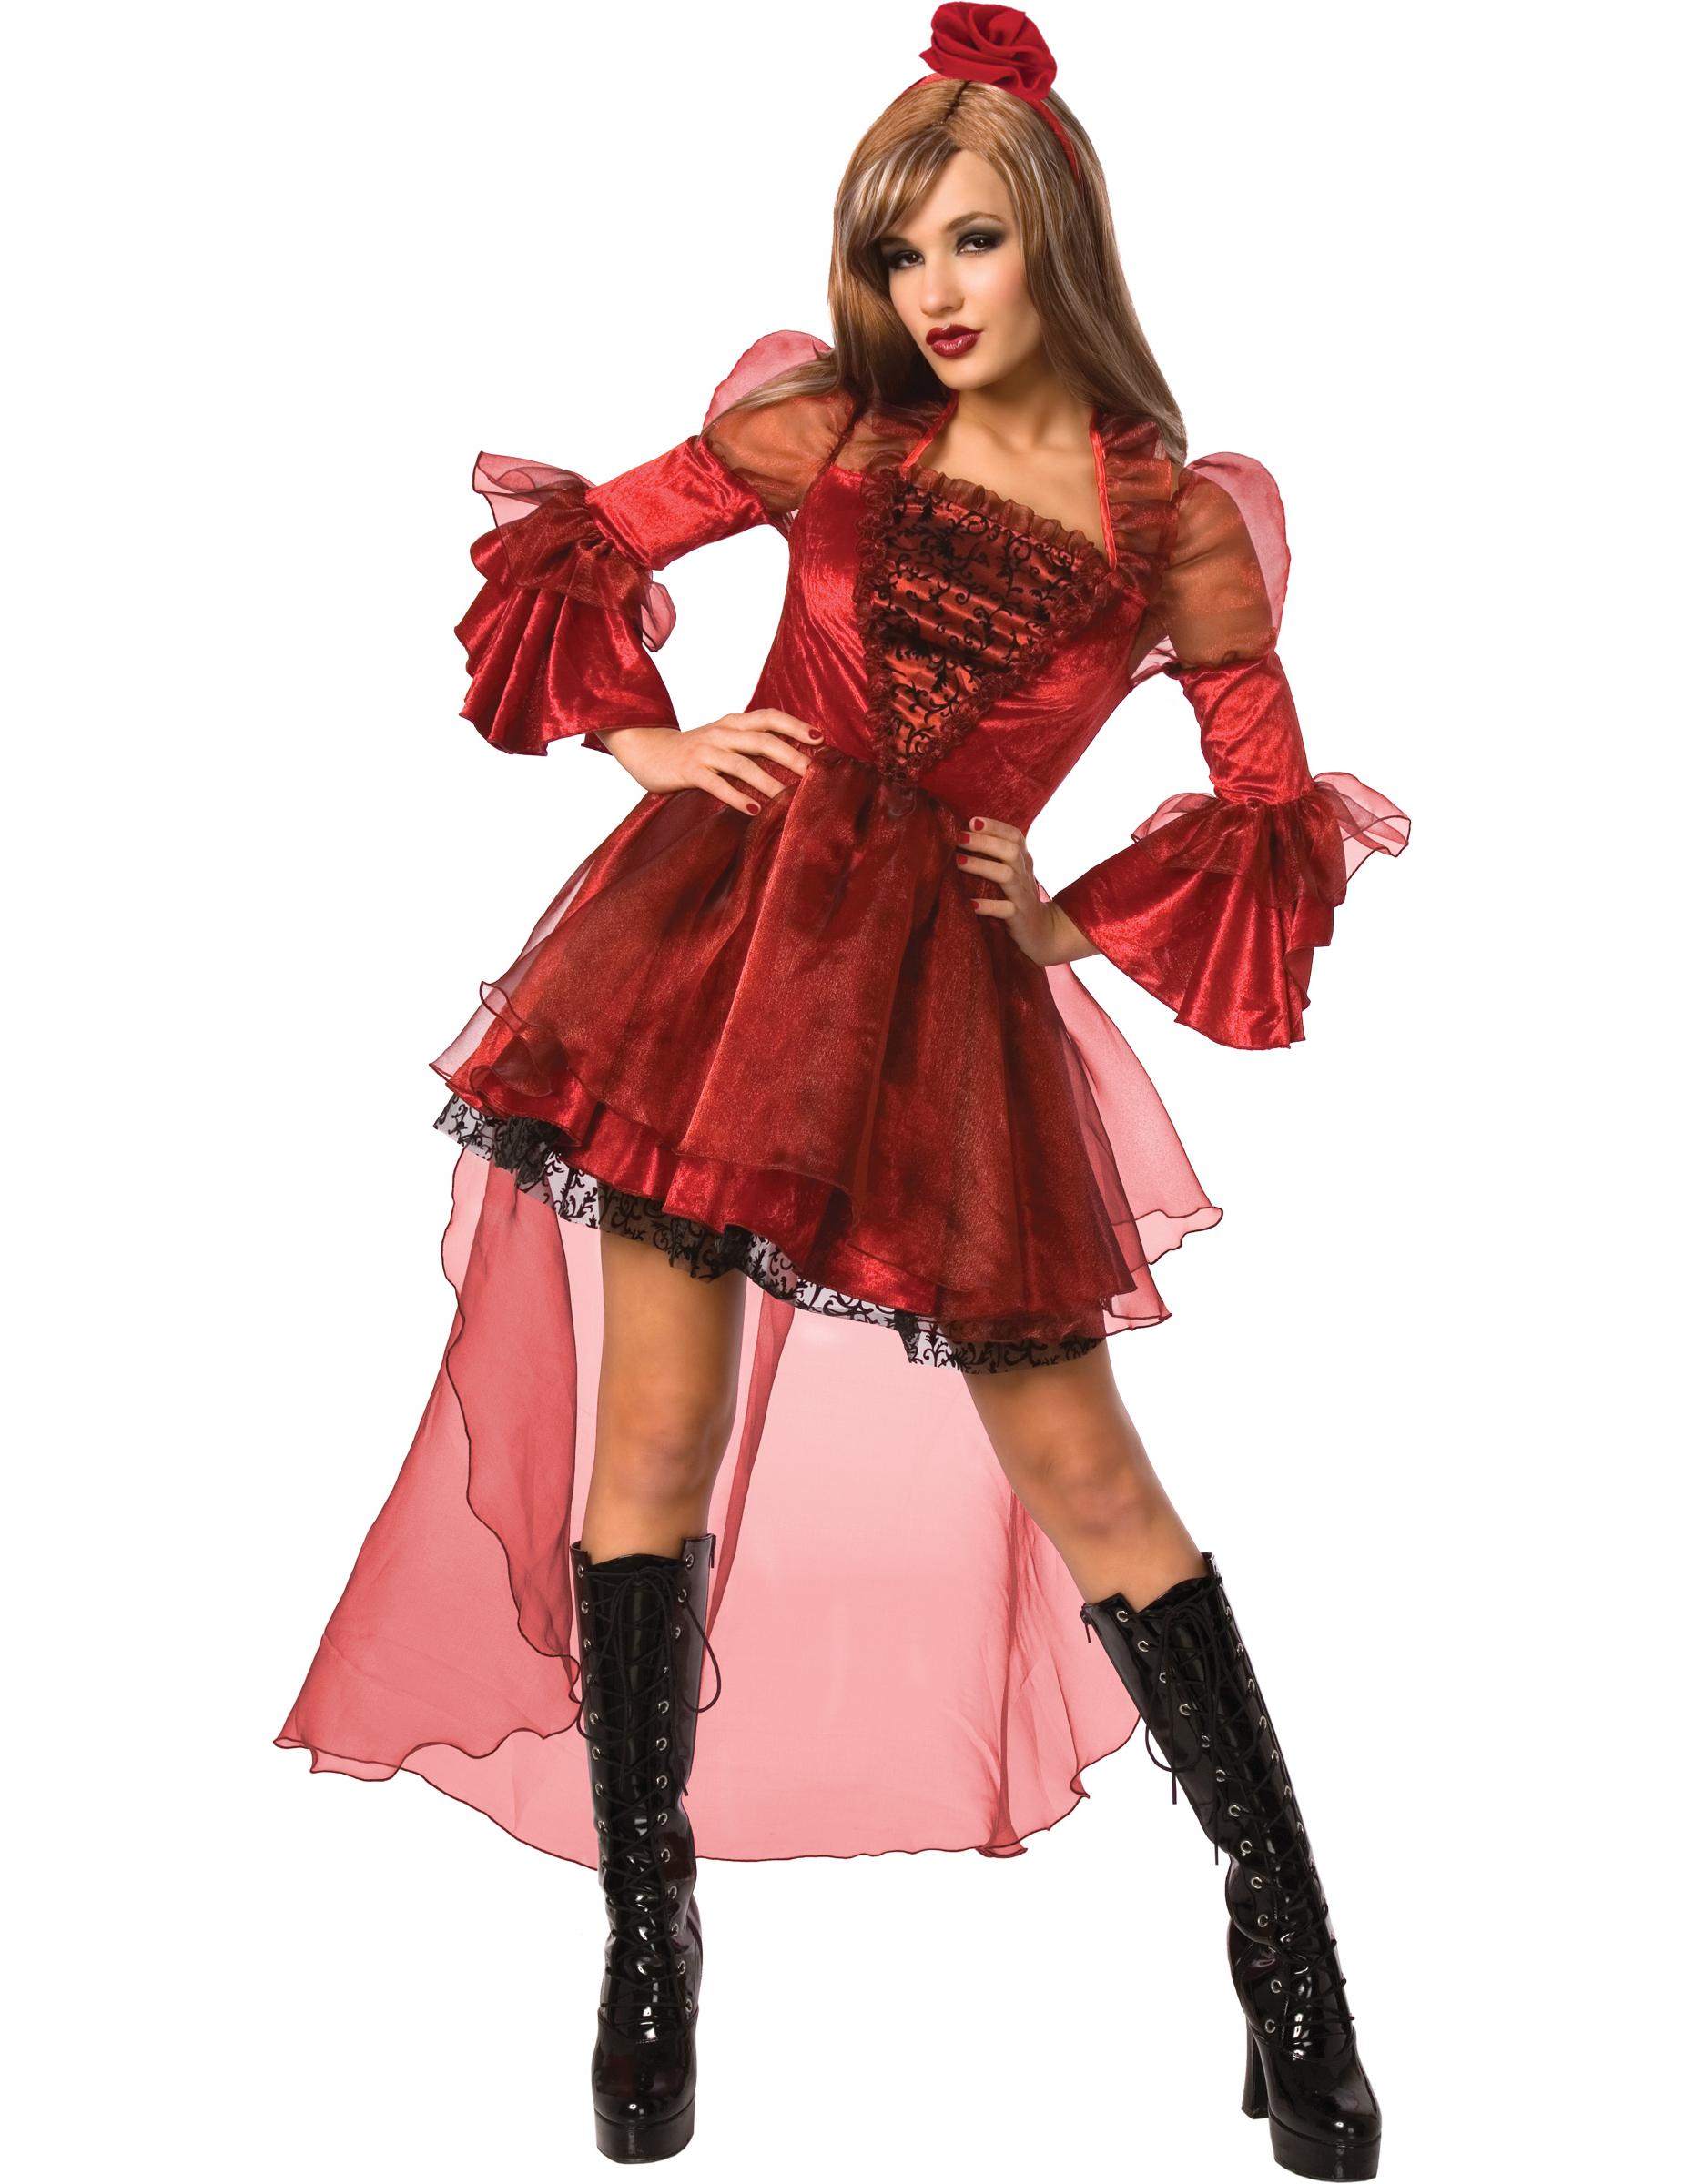 d guisement princesse sexy gothique rouge femme deguise toi achat de d guisements adultes. Black Bedroom Furniture Sets. Home Design Ideas